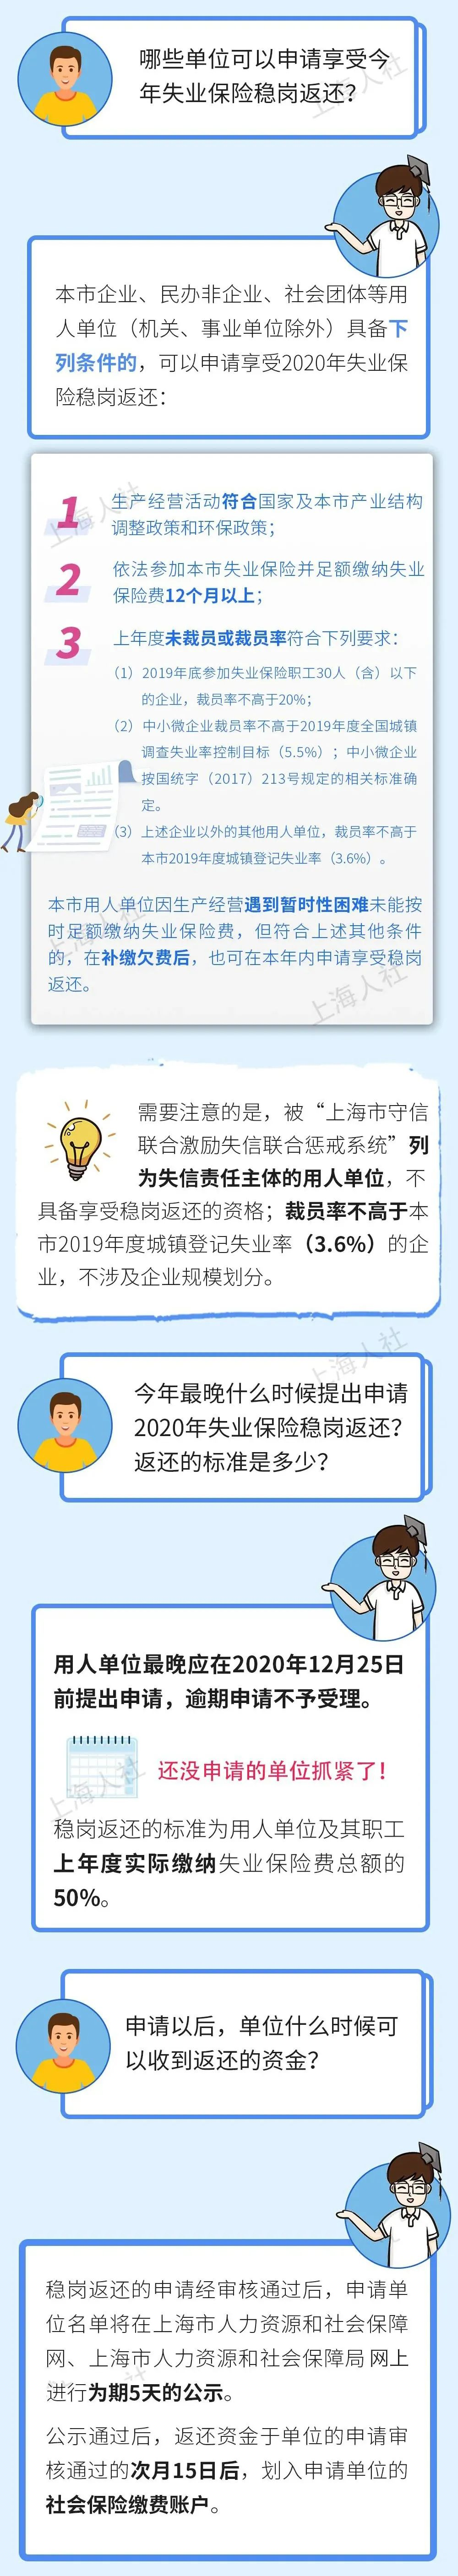 沪本月拟向8426家申请单位发放稳岗返还,名单今起公示→图片